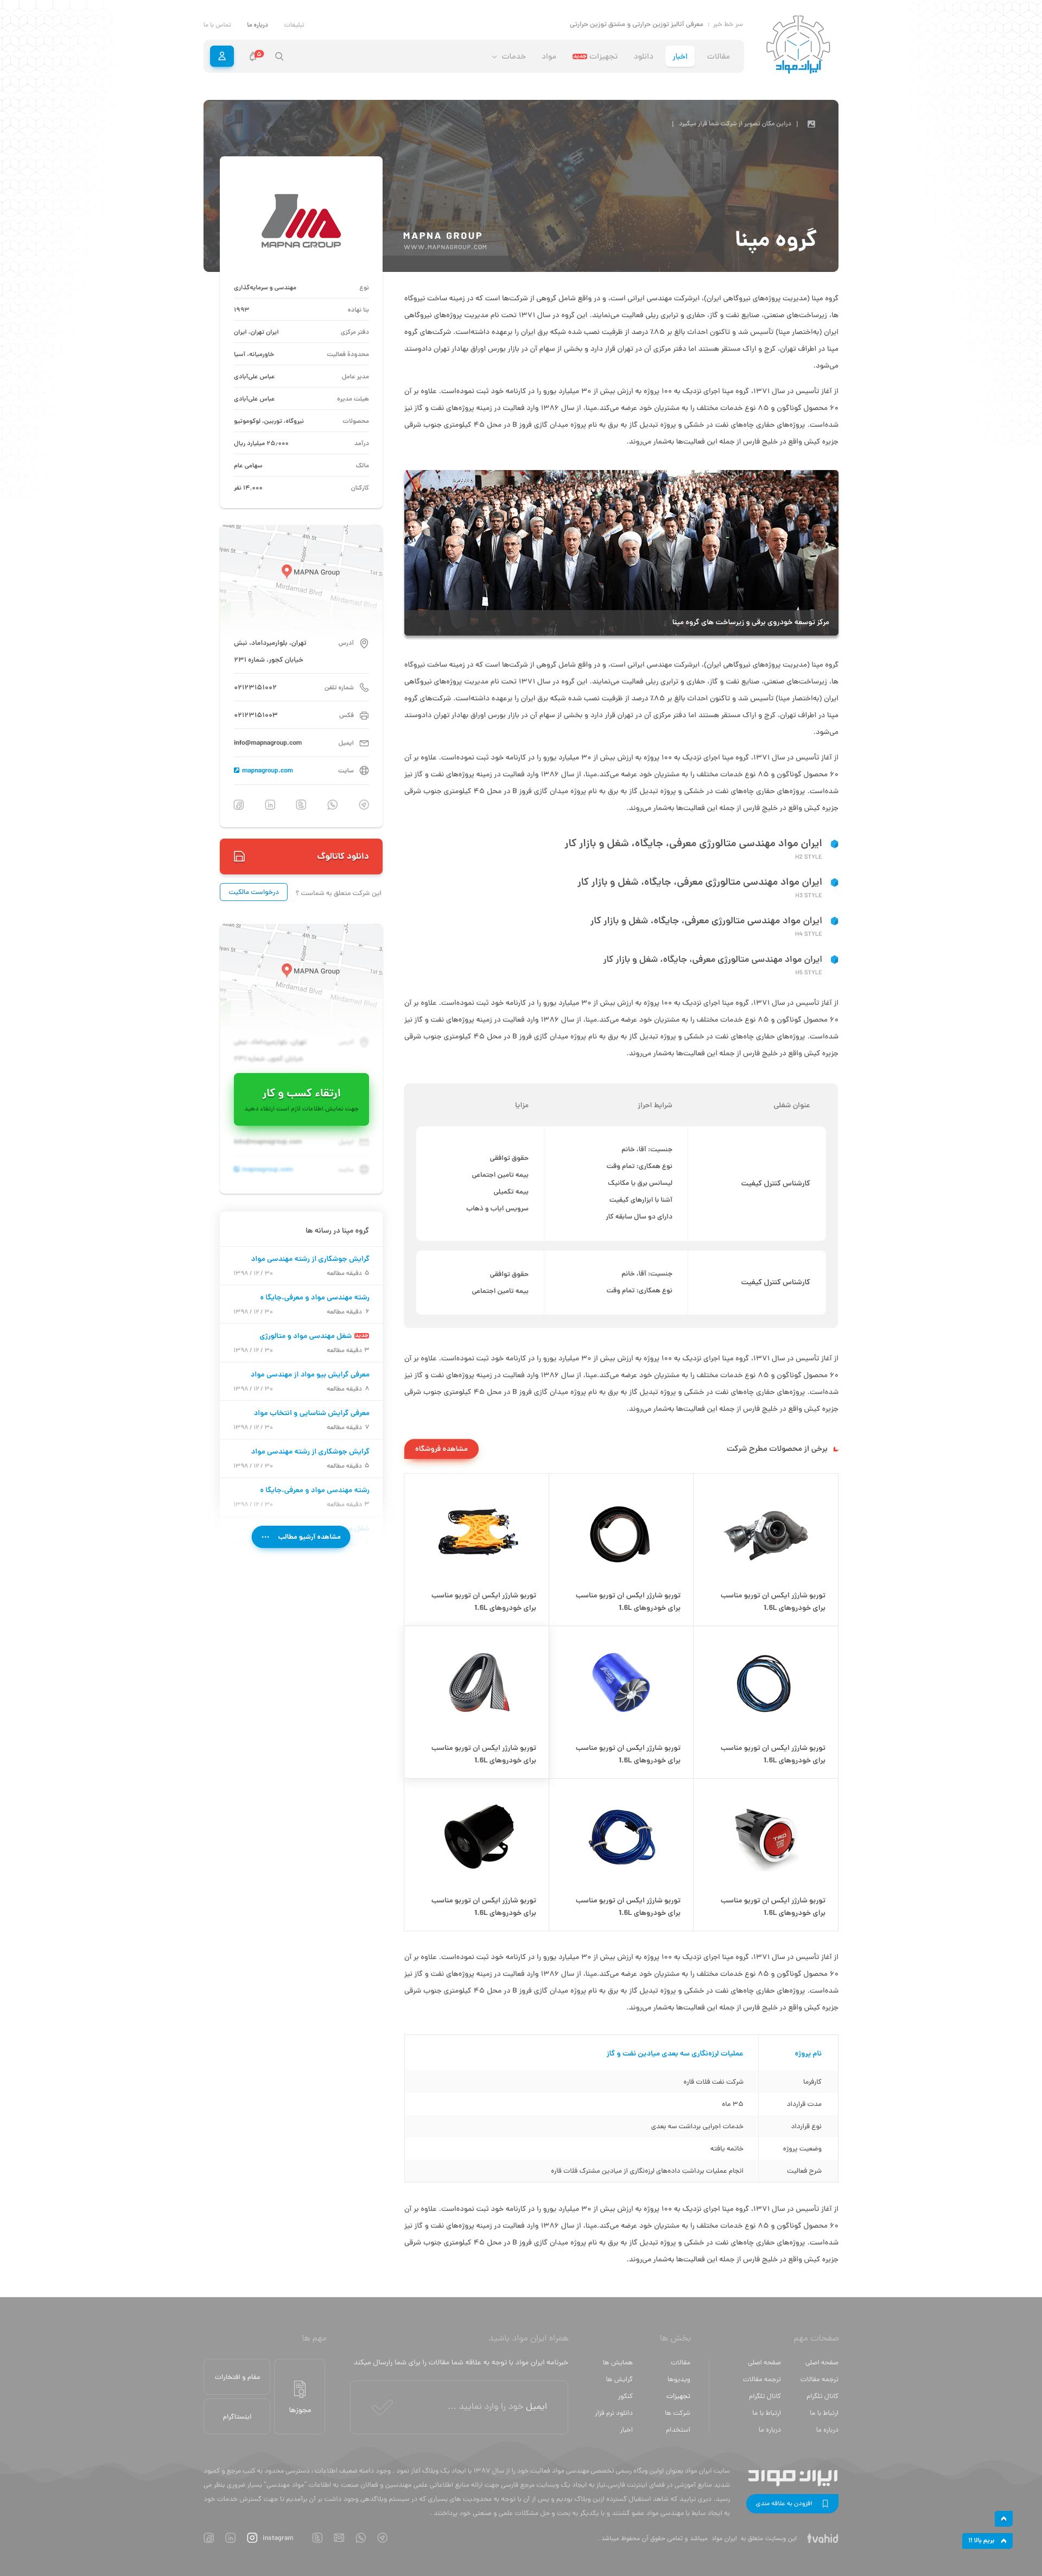 صفحه شرکت ها